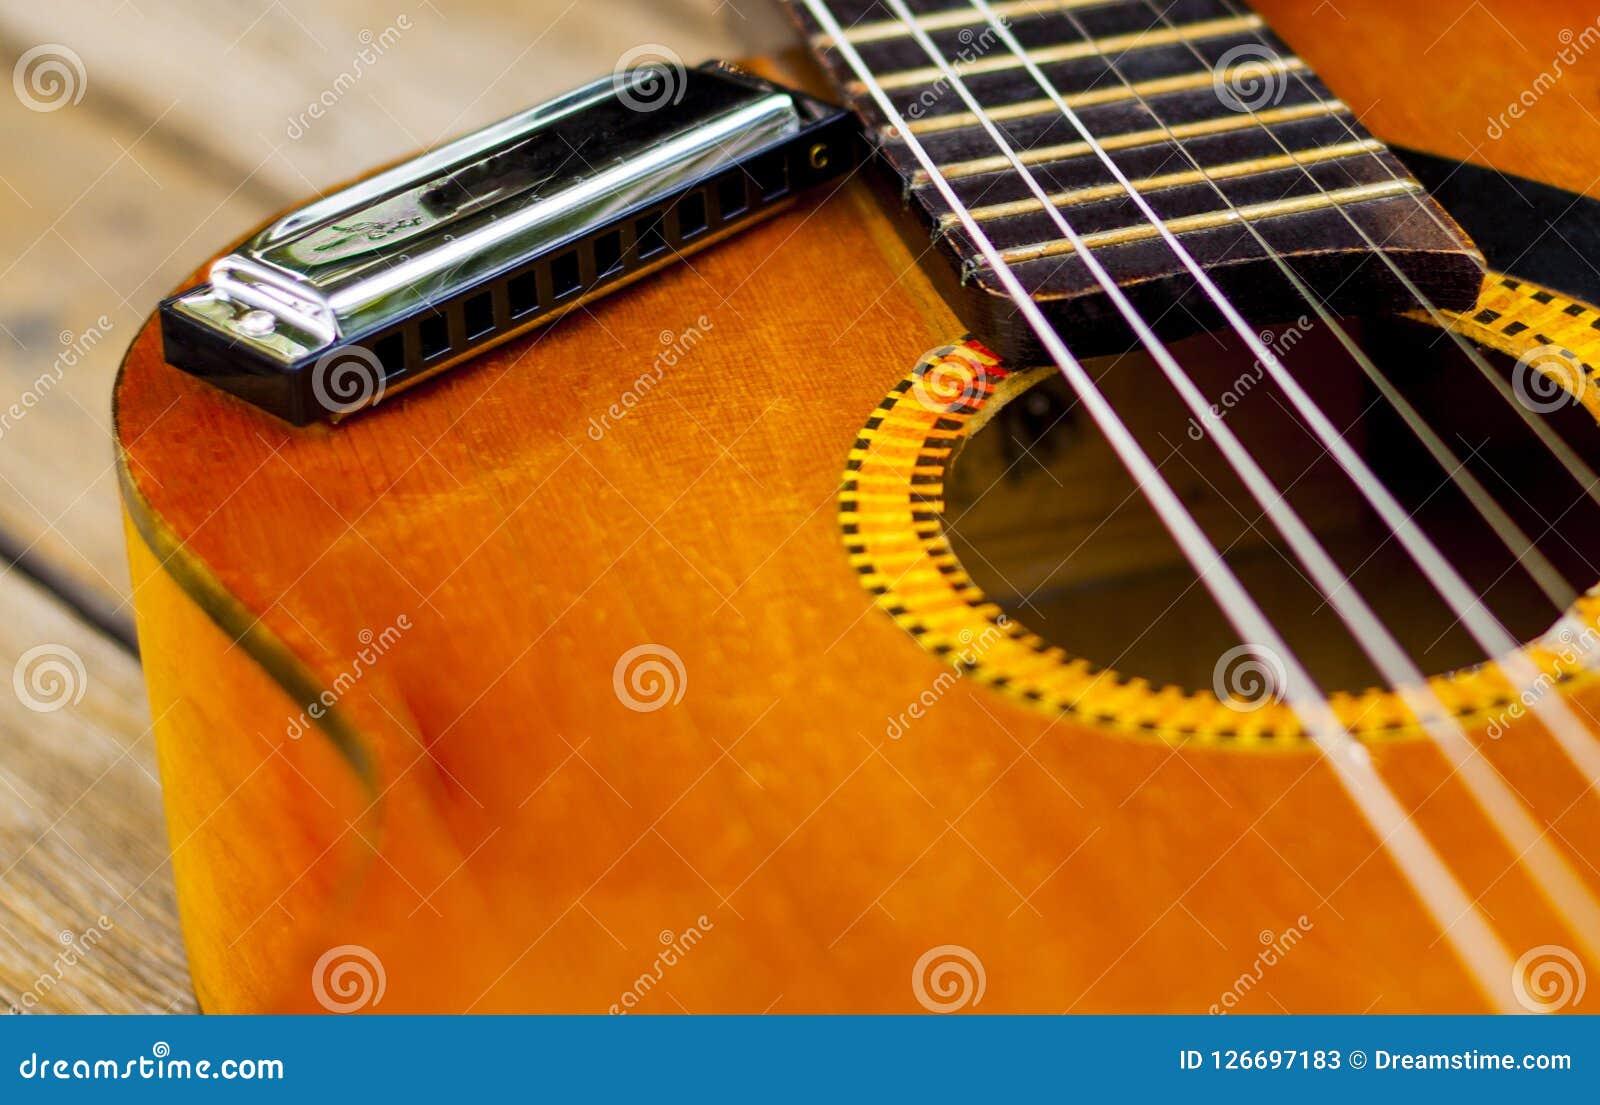 A harmonica on a classical guitar.